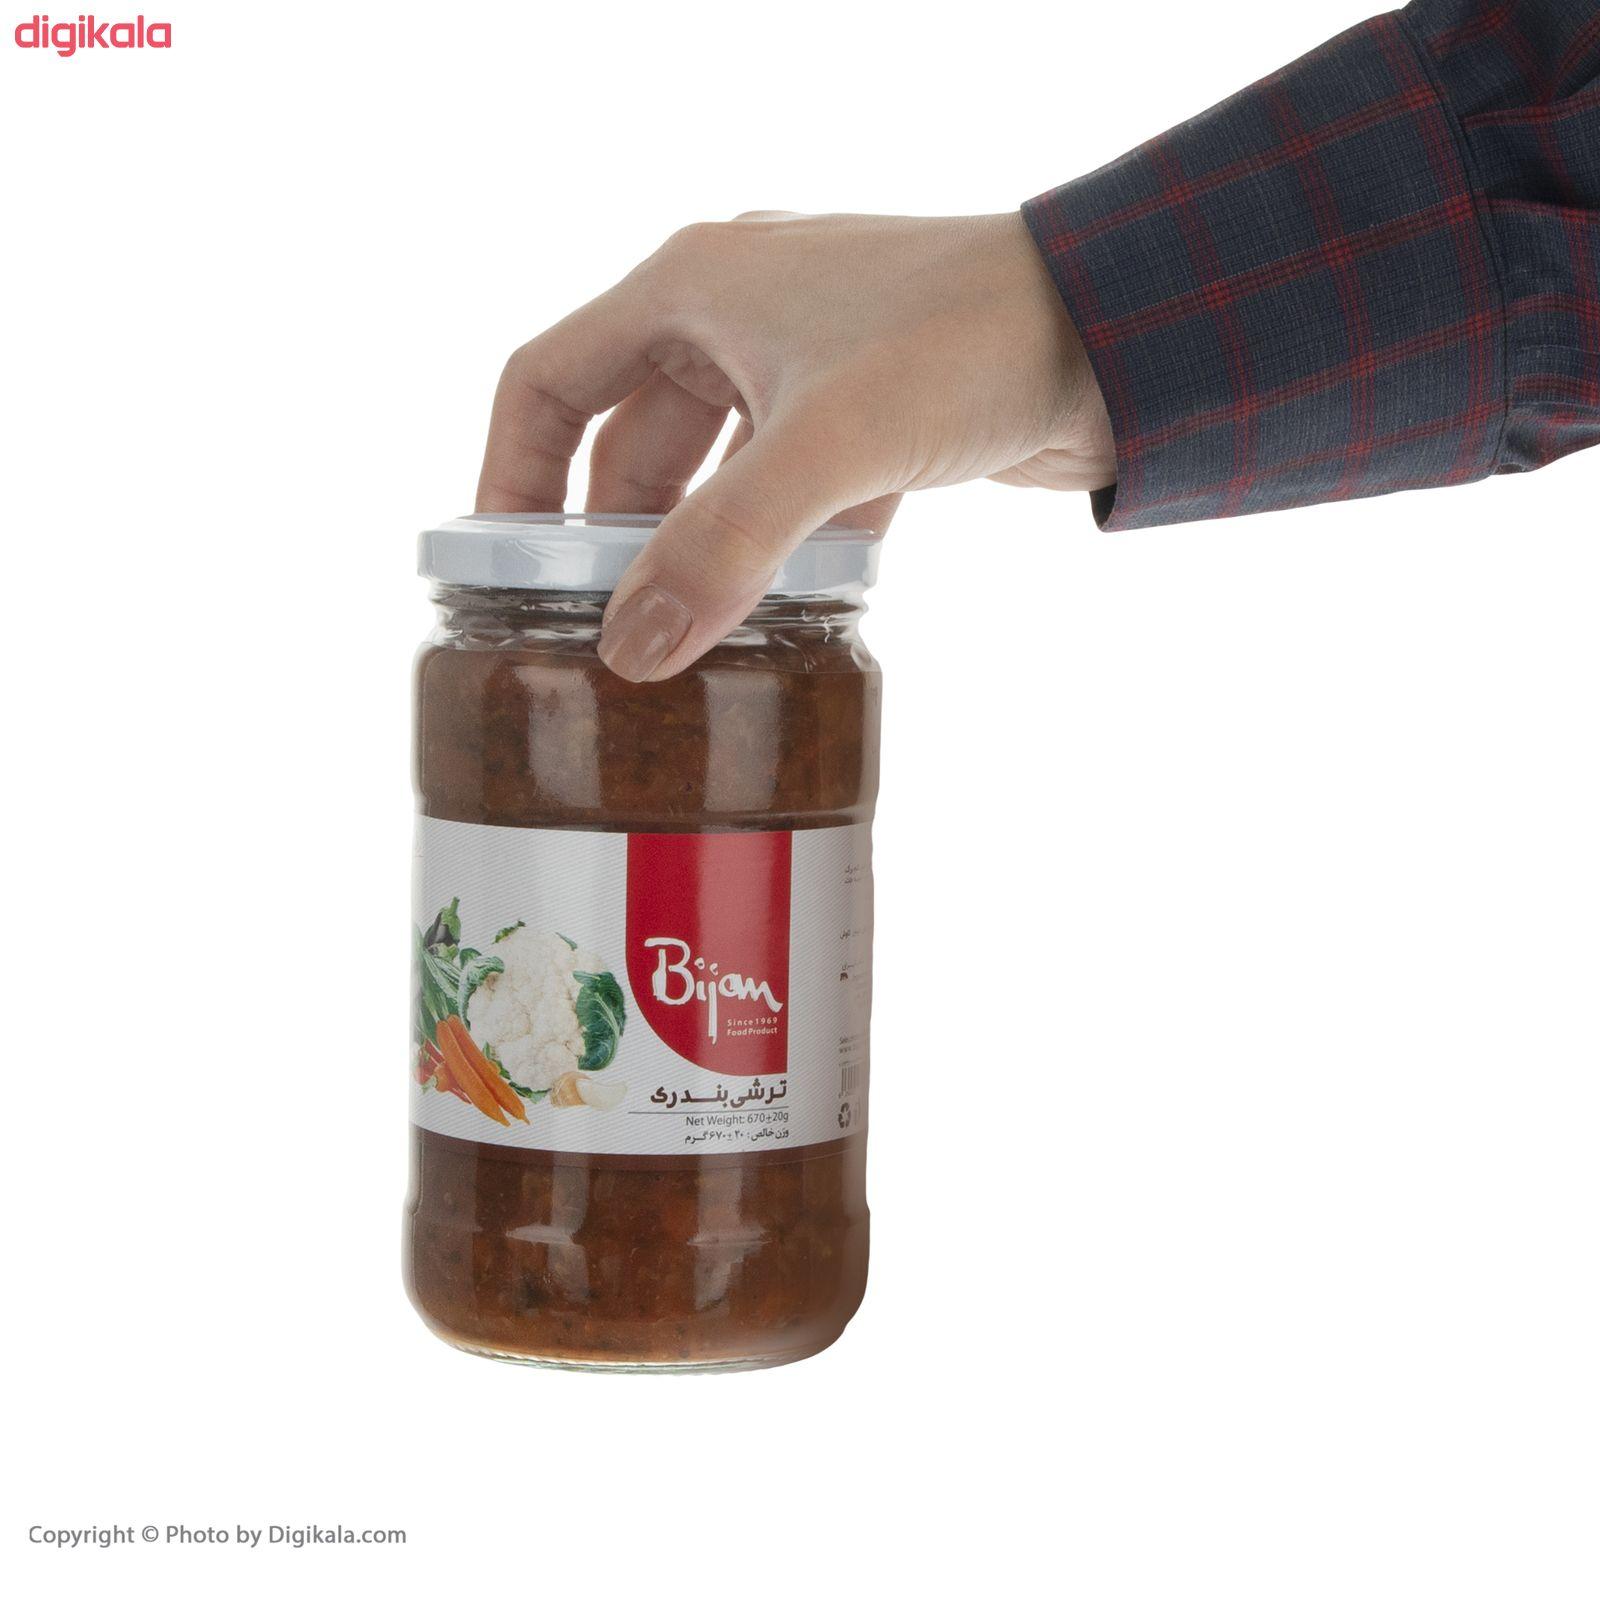 ترشی بندری بیژن - 670 گرم main 1 3